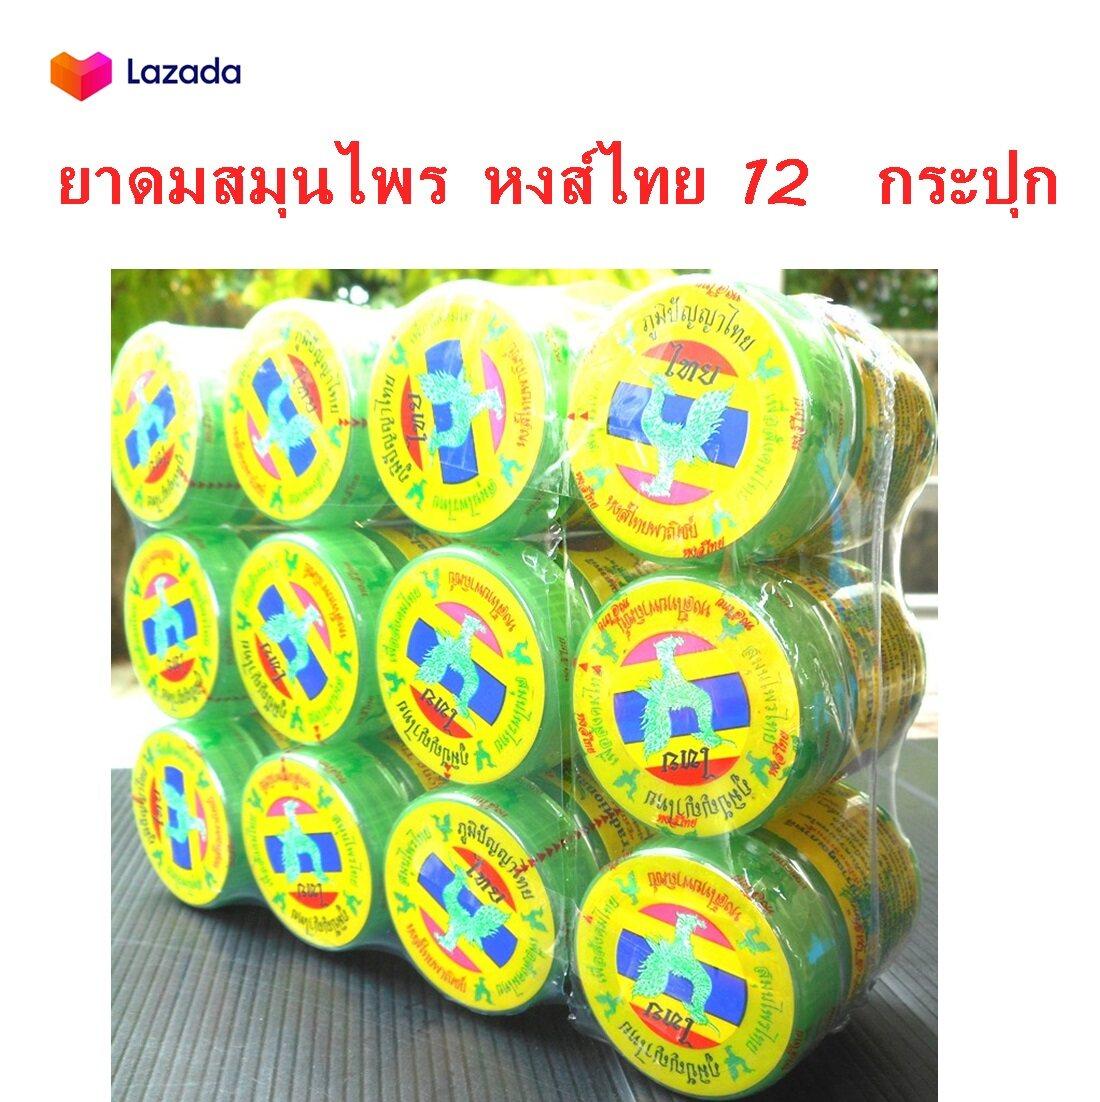 แนะนำ 12 กระปุก หงส์ไทย ยาดมสมุนไพรไทย ยาดมสมุนไพรไทยหอม สมุนไพรไทย ของแท้ บรรเทาอาการวิงเวียน หน้ามืด คล้ายจะเป็นลม Hong Thai Traditional Herbal Inhaler